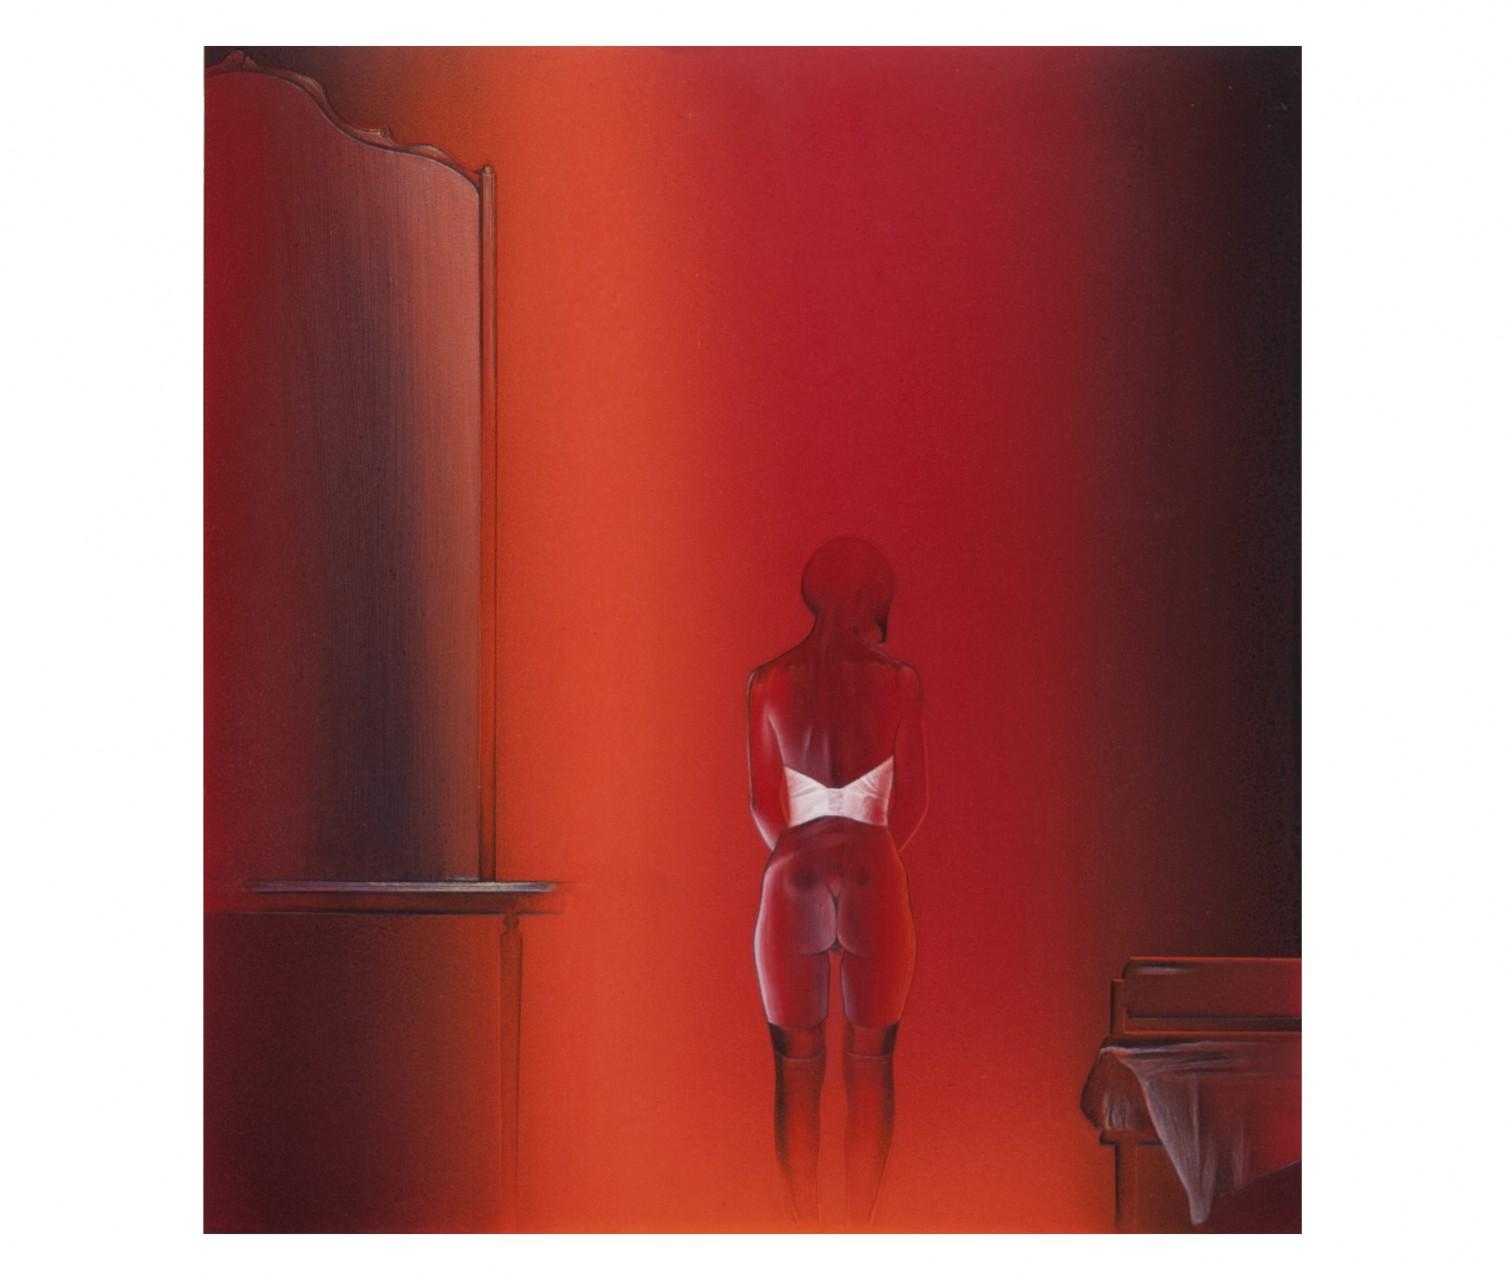 Zona d'ombra, meditazione cartesiana 2013 - cm 46,8x50,4 - resina epossidica, polvere di marmo, colori acrilici